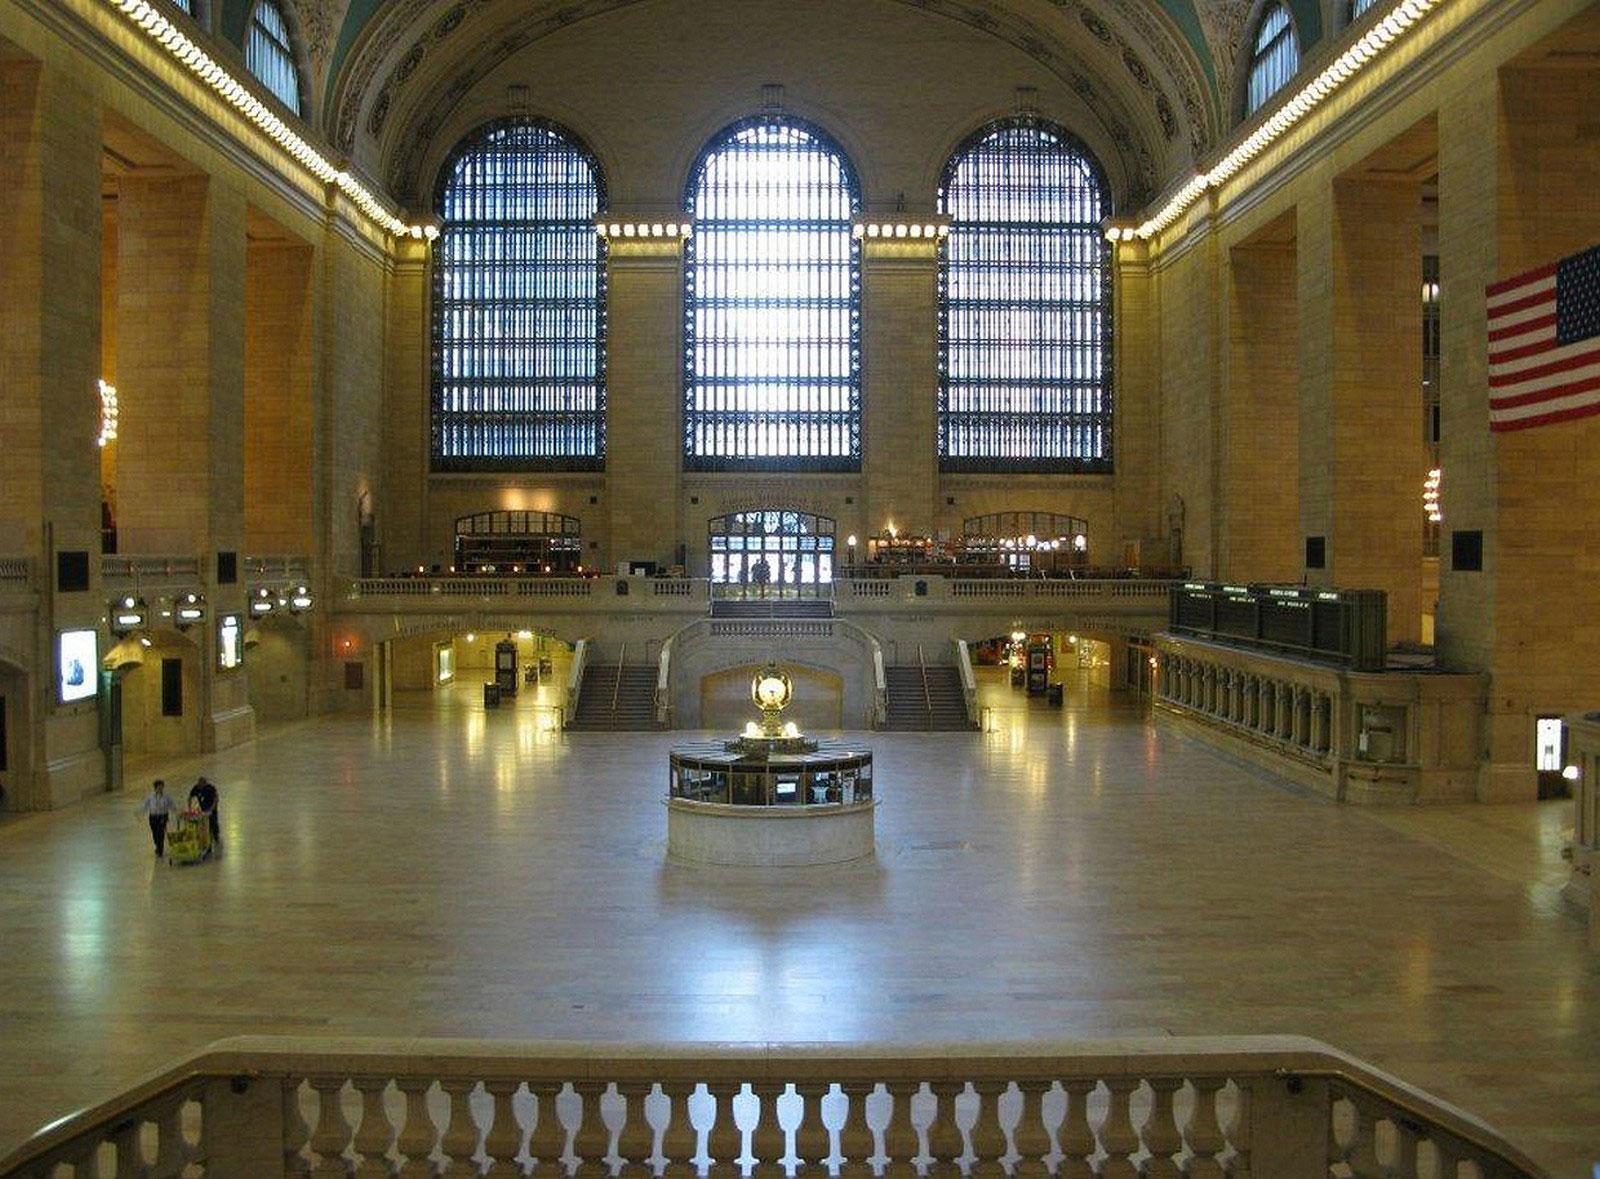 зал Центрального железнодорожного вокзала в Нью-Йорке